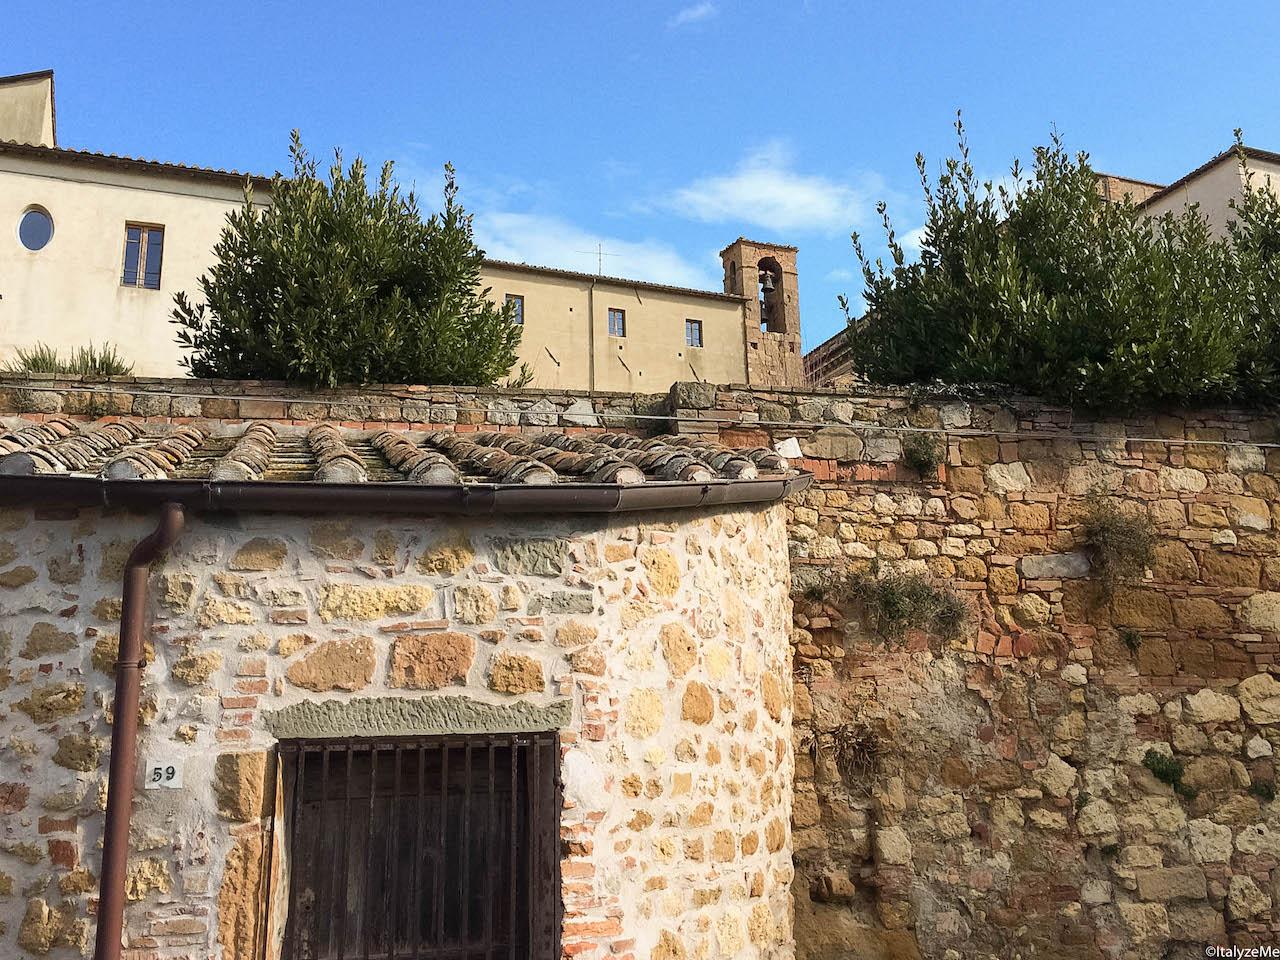 La curiosa costruzione cilindrica in Via di Gozzante a Pienza che un tempo ospitava una colcitronaia